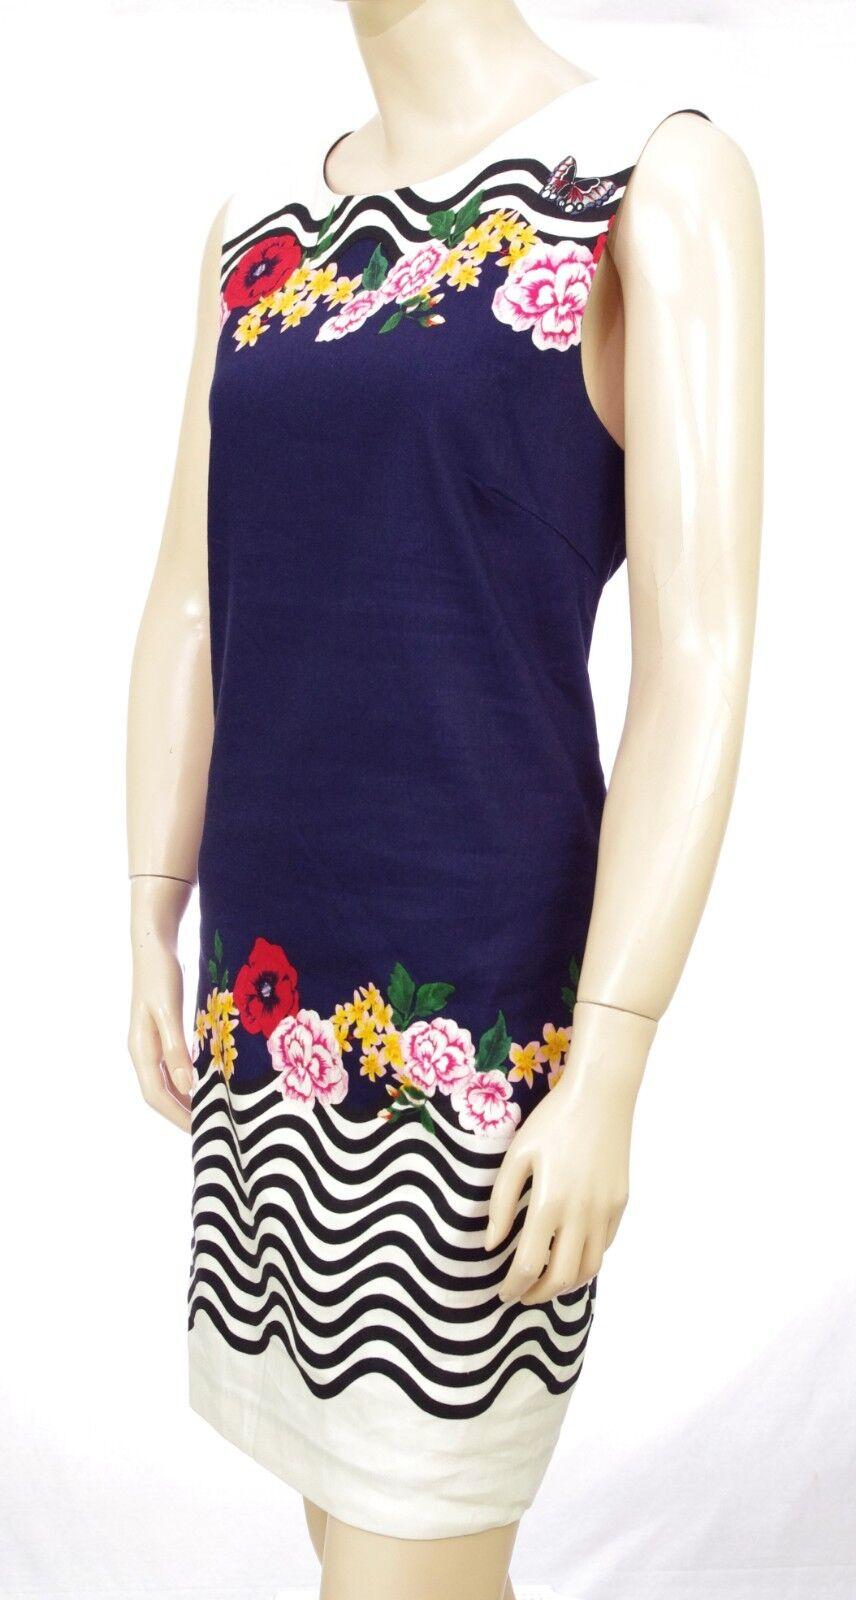 DESIGUAL Vest PRUDENCIA Robe Donna  18SWVWCL coloreis 5001 blu marine